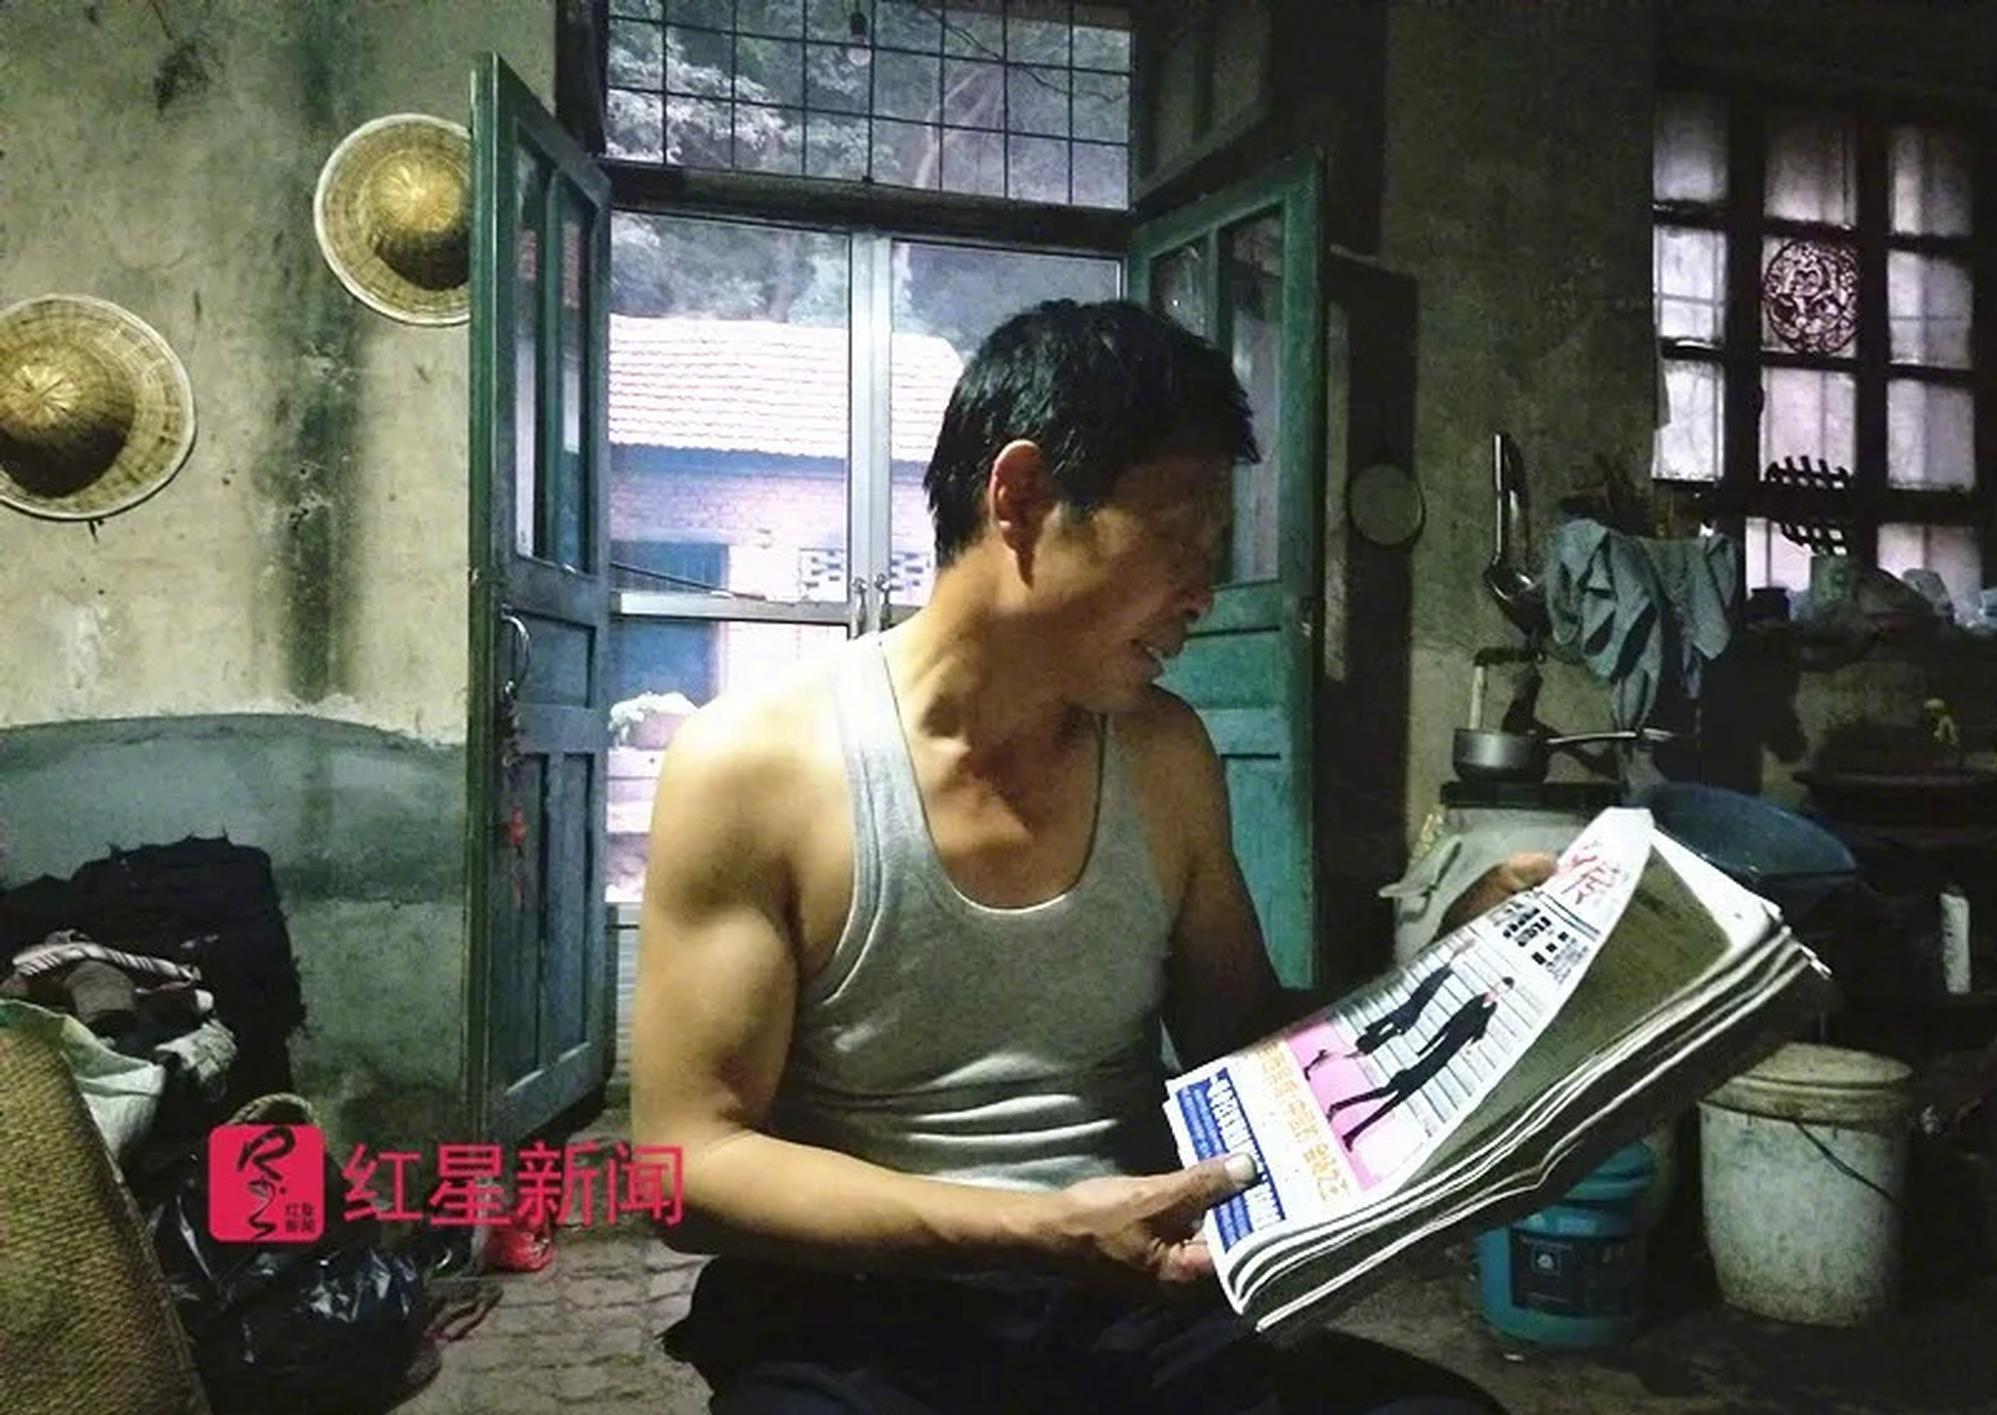 《流星雨》时隔11年,张翰郑爽颜值崩塌,曾被嫌